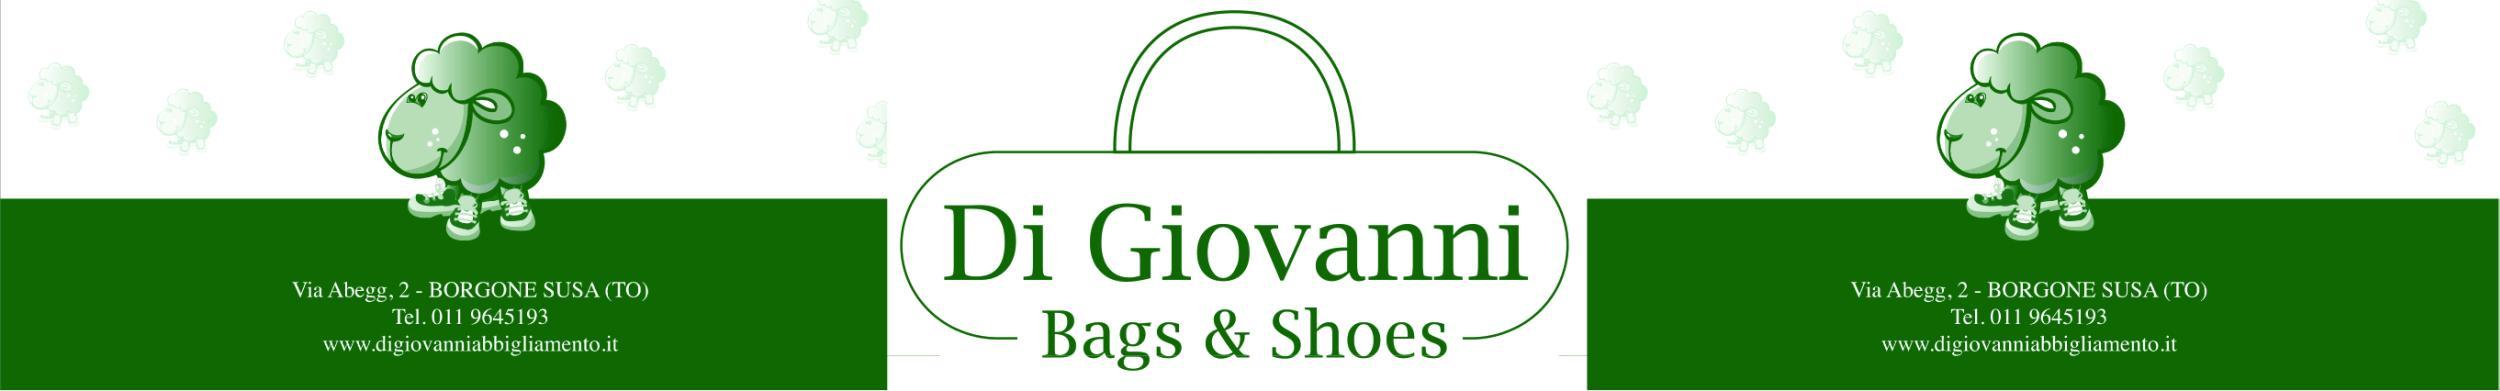 DI GIOVANNI bags